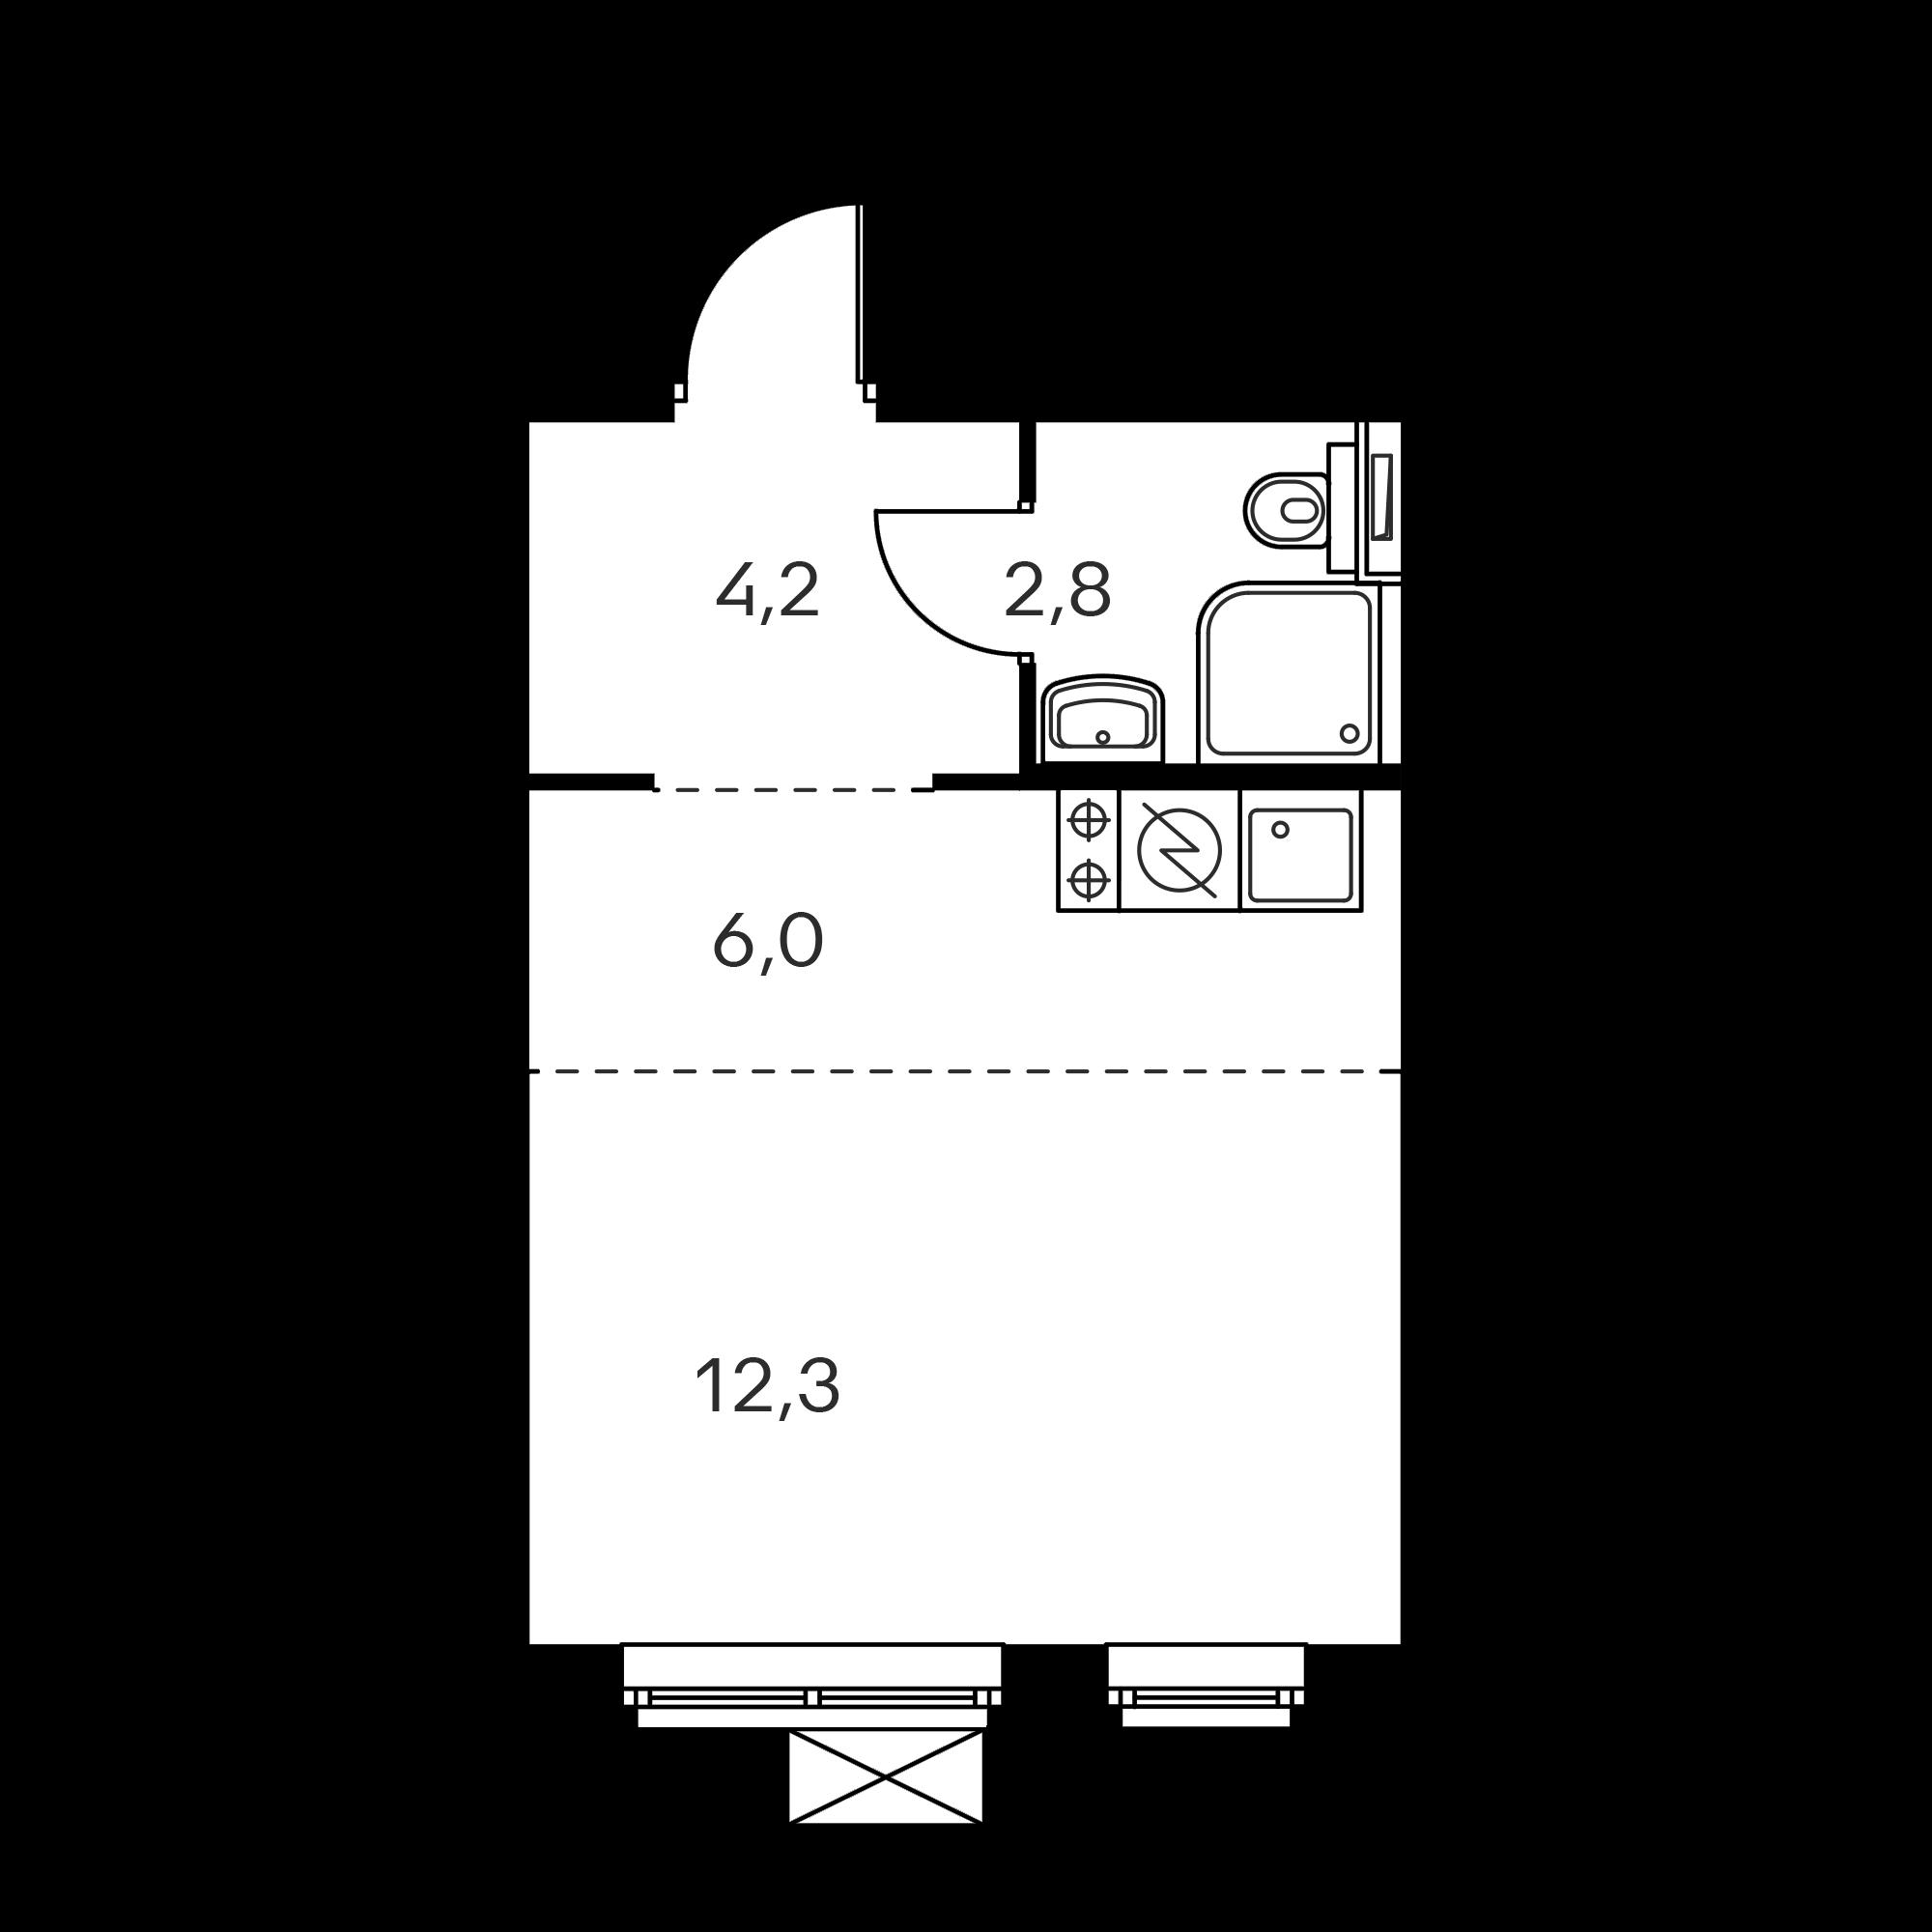 1NM1_4.5-1_S_A